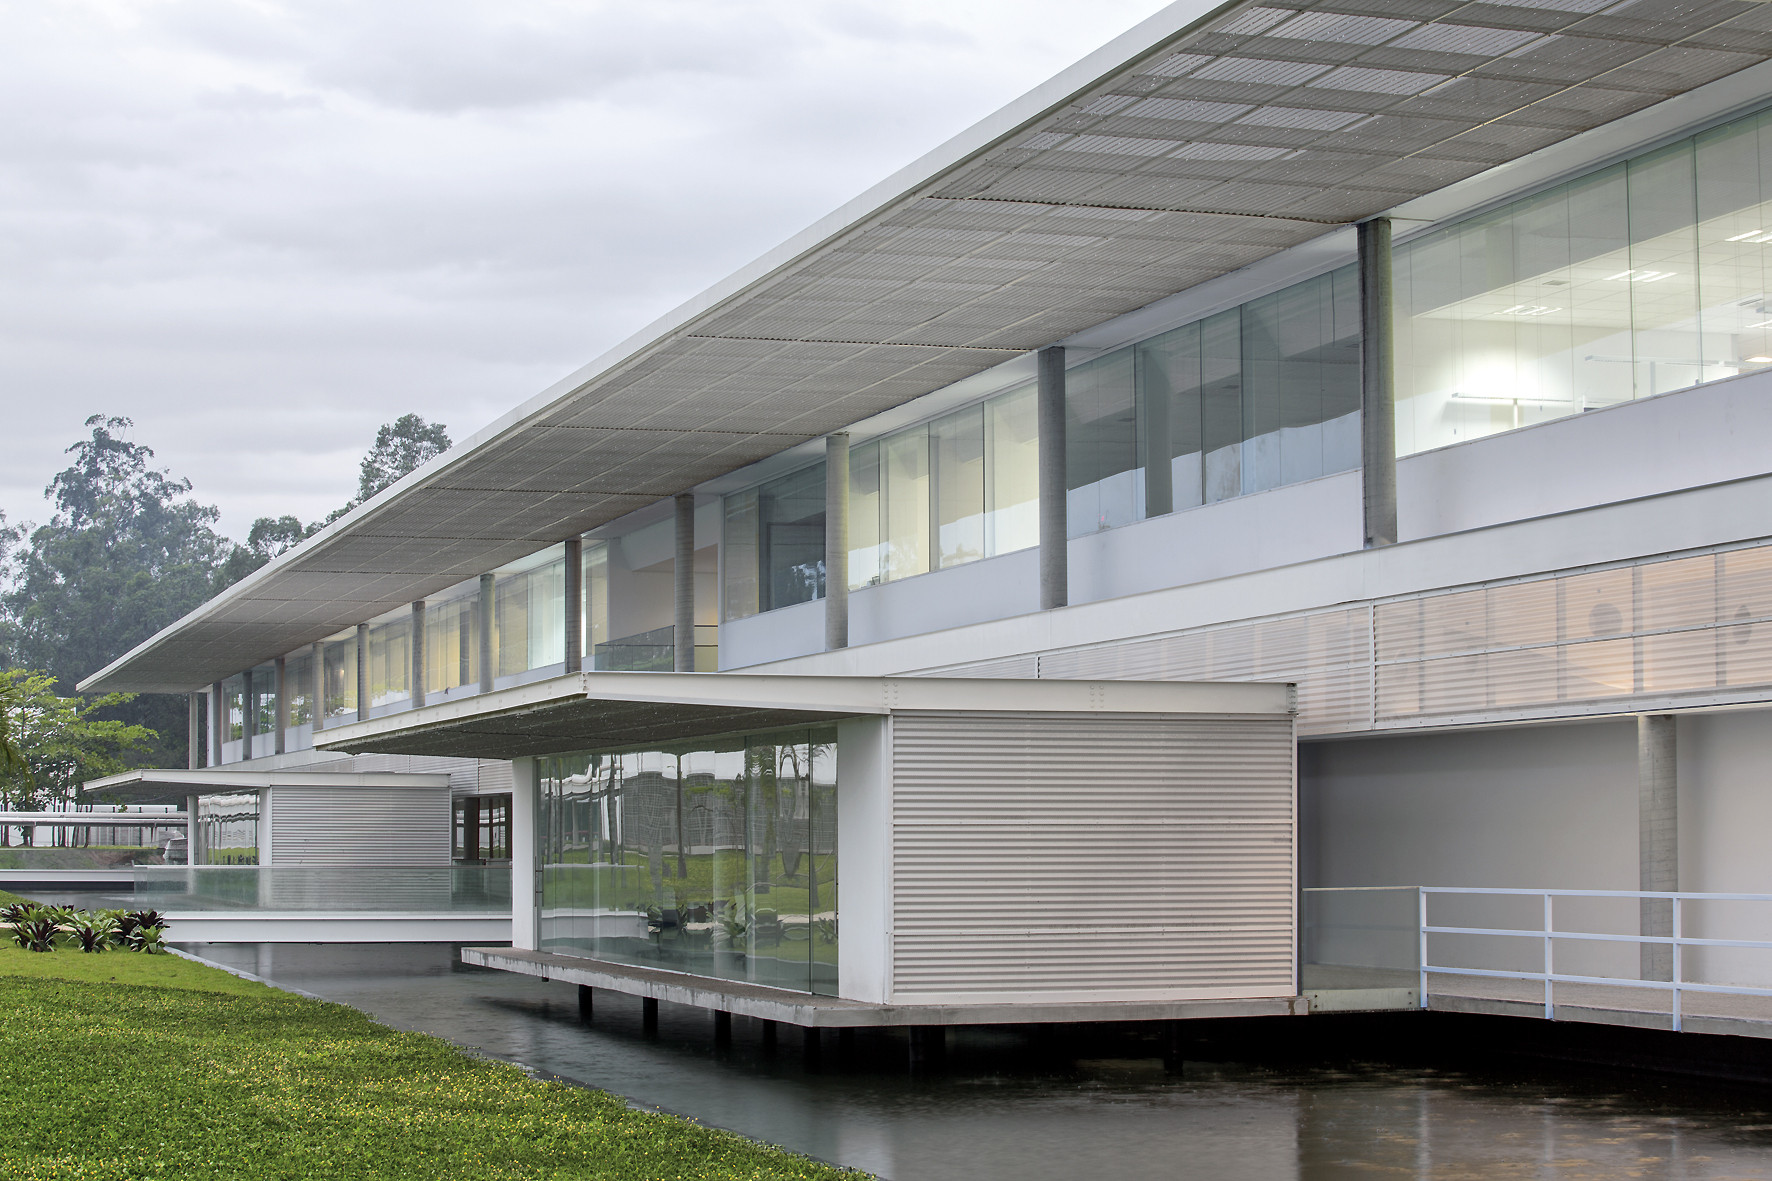 SICPA – Fábrica de Tintas y Sistemas de Seguridad / LoebCapote Arquitetura e Urbanismo , © Leonardo Finotti